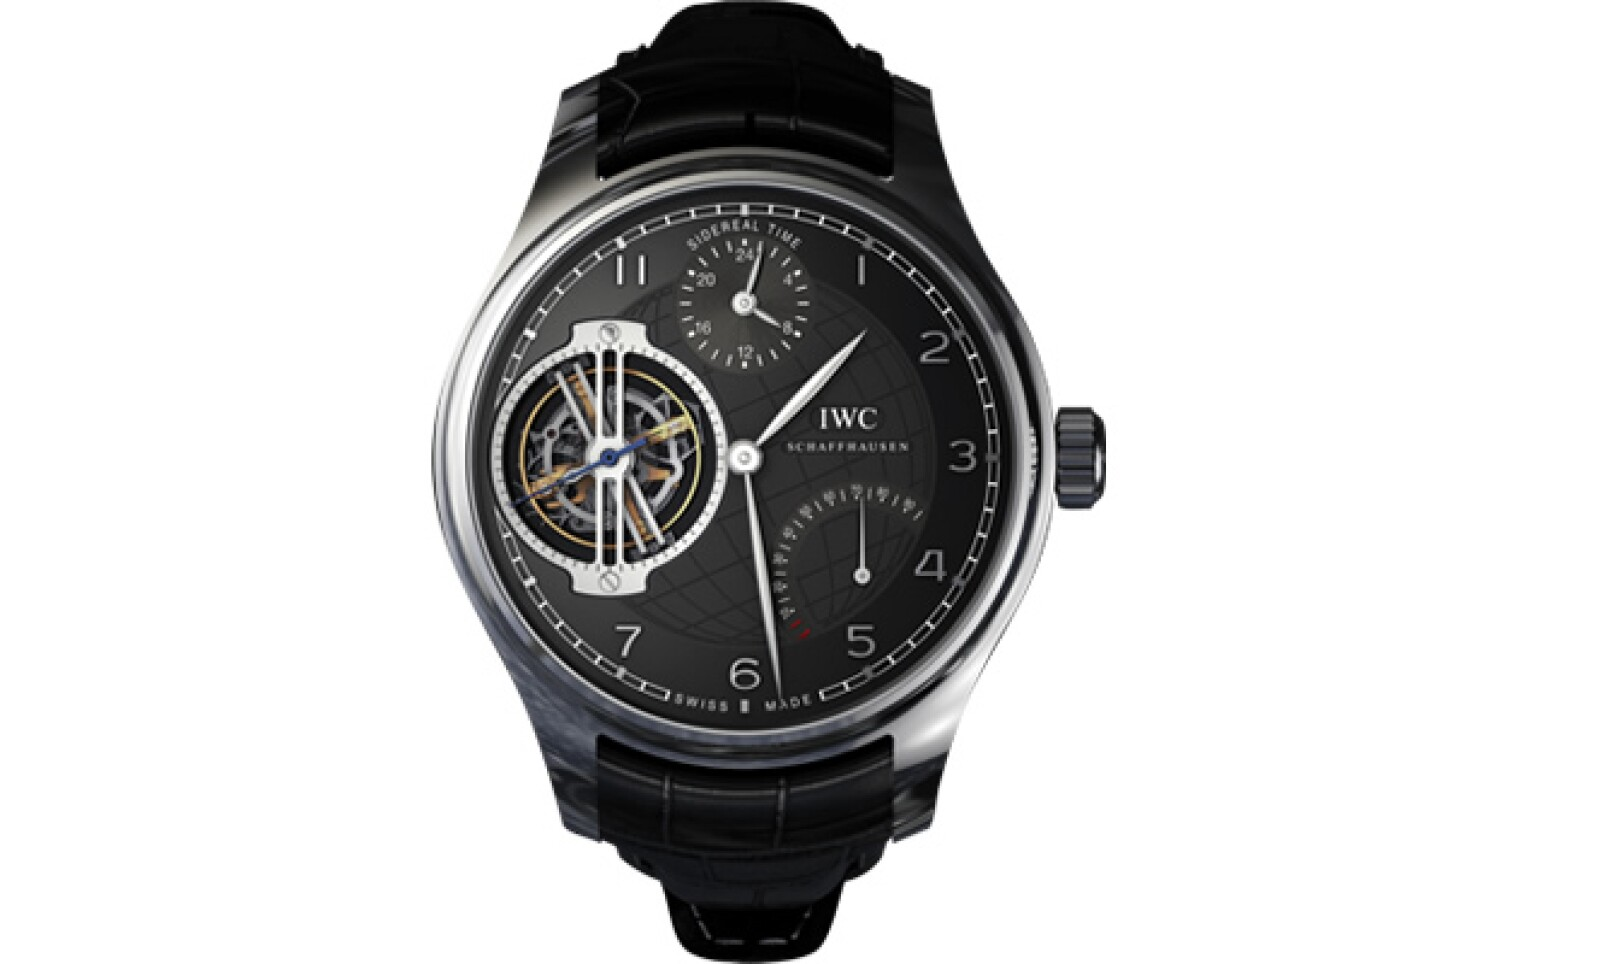 Al comprar el reloj puedes escoger el material de la caja, que puede ser de acero, oro rosa o platino. También se puede escoger el material de la correa y el color de la carátula.